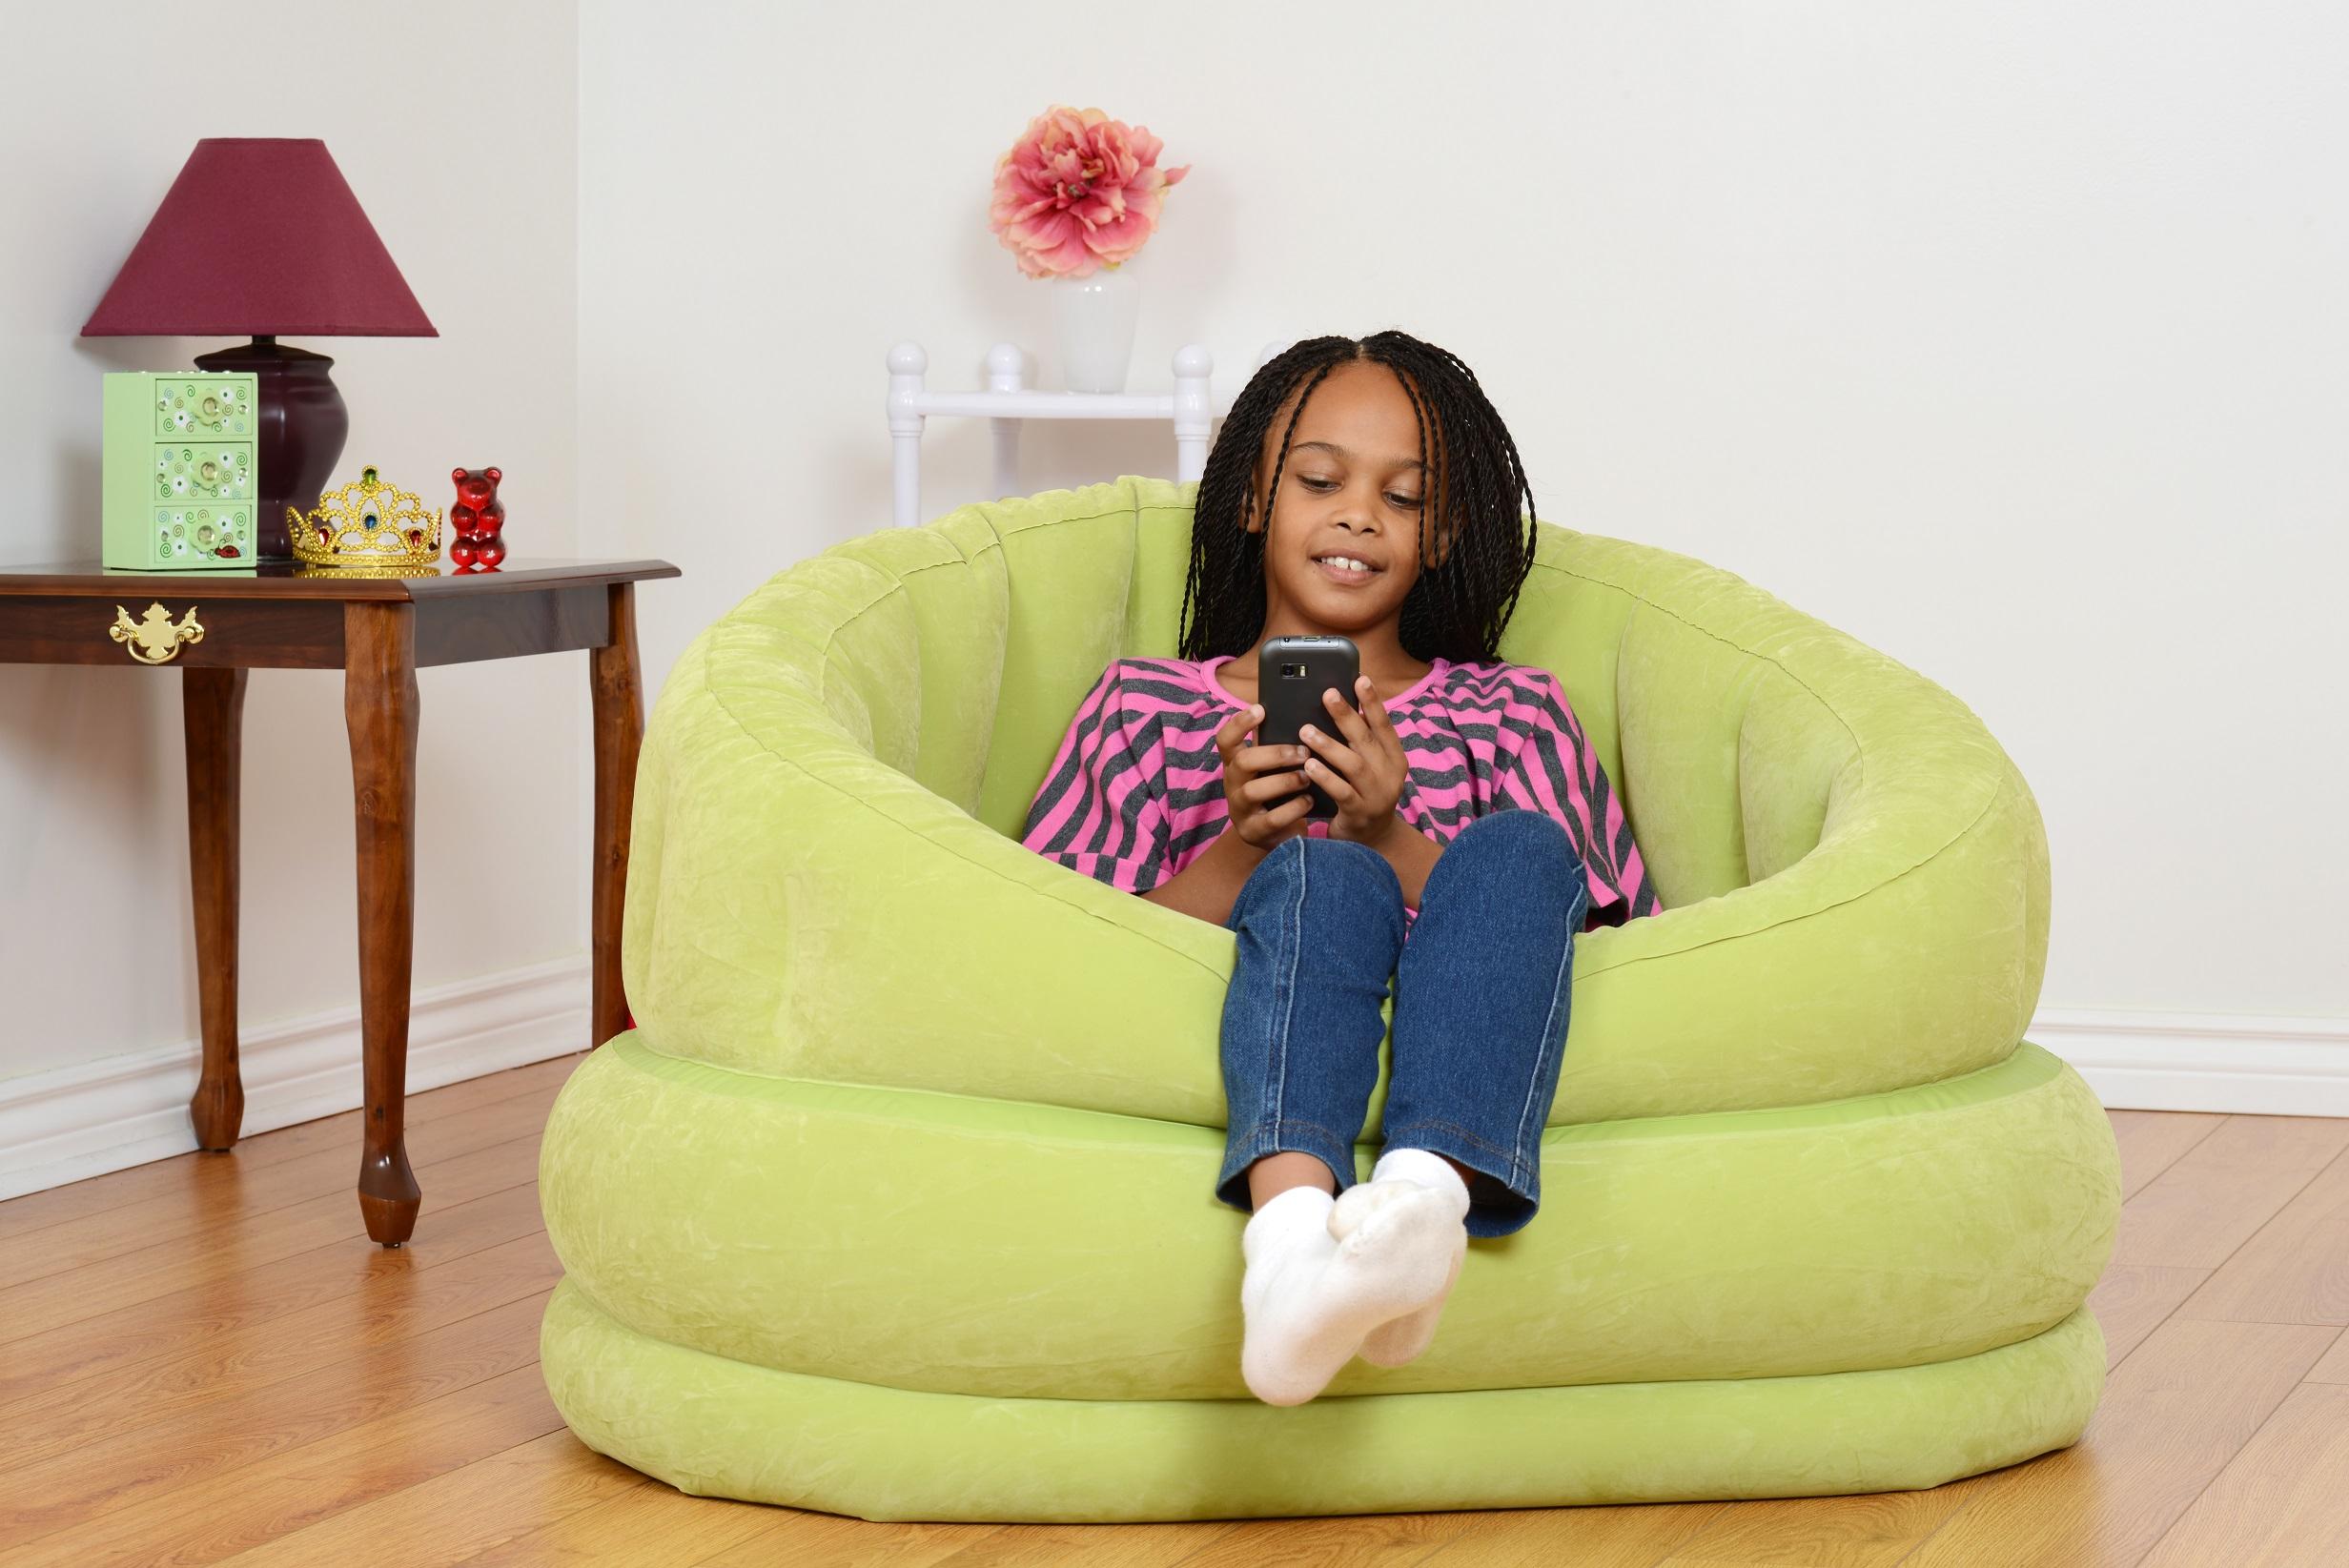 Canais do YouTube com conteúdo cristão para crianças